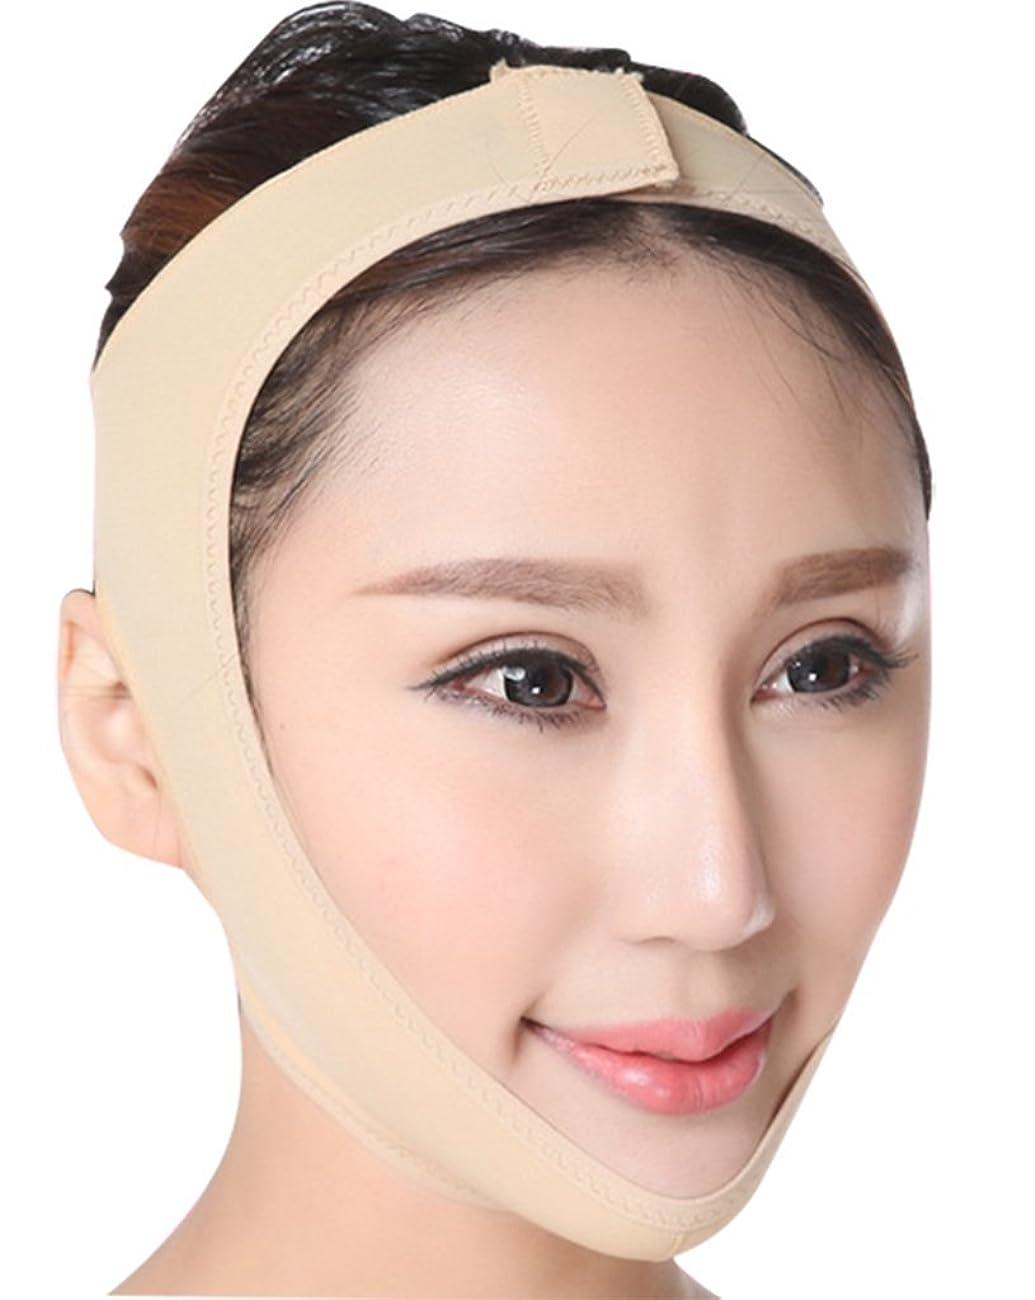 避けられないダース立ち向かうフェイスラインベルト M/L/XLサイズ 抗シワ 額、顎下、頬リフトアップ 小顔 美顔 頬のたるみ 引き上げマスク XL